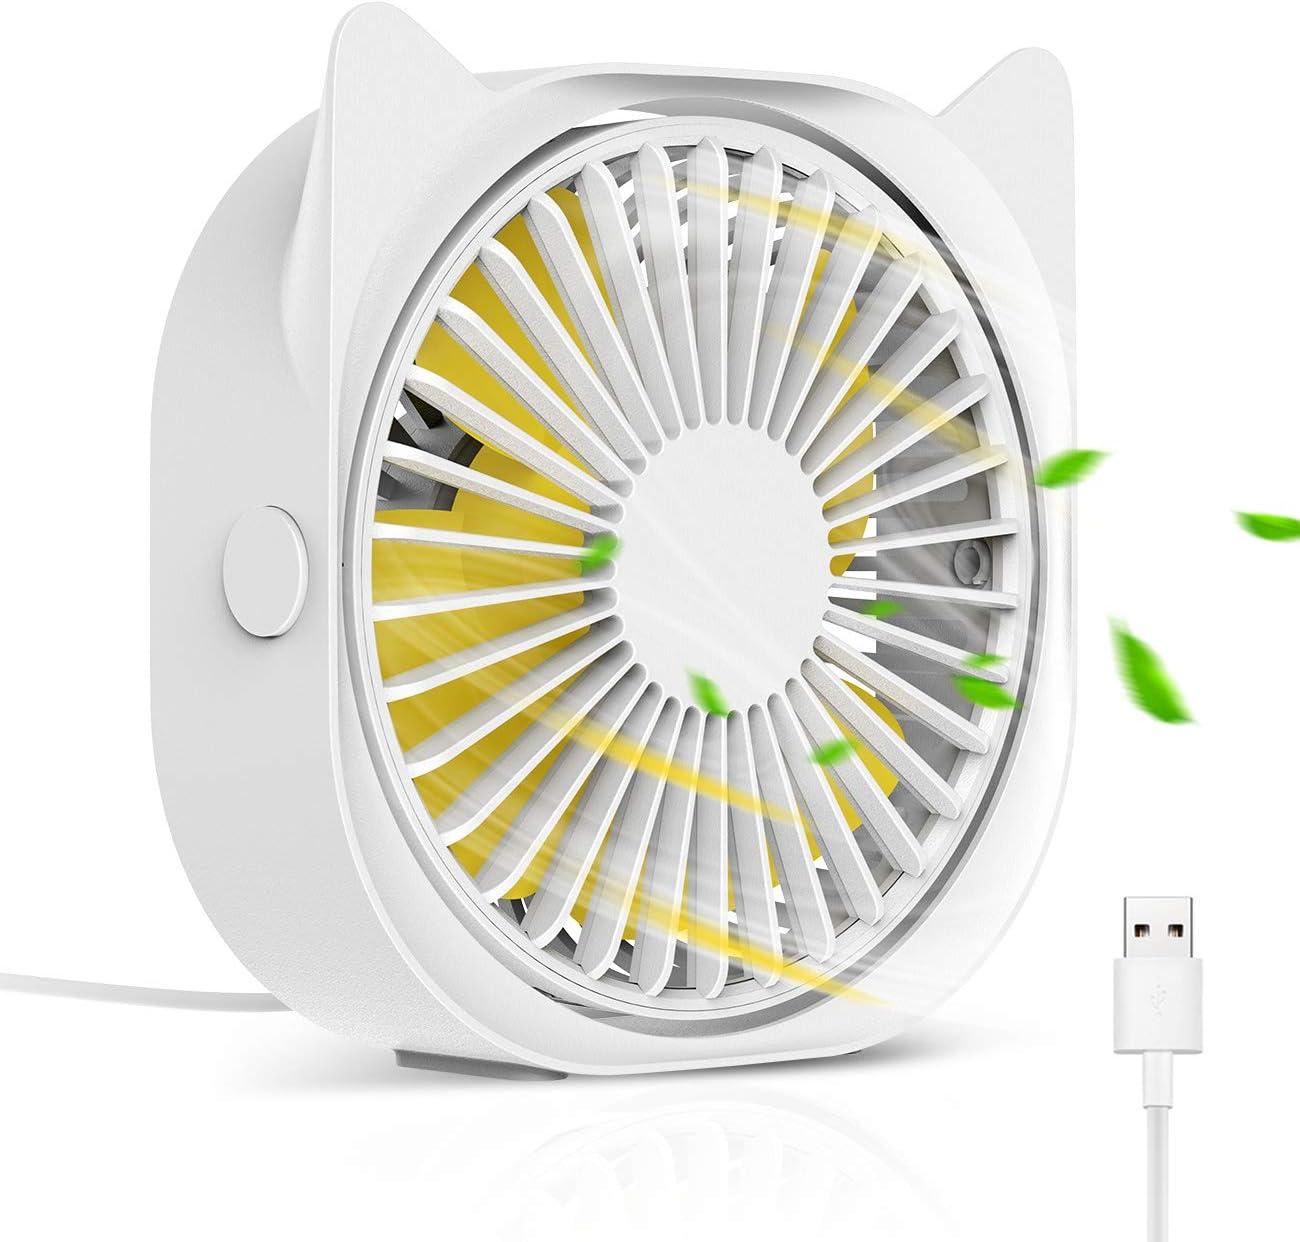 HOISTAC Personal USB Fan For Desk, office, Mini Fan 4 Inch with 3-speed 360° Free Rotating Fan, Desktop Fan Quiet USB Desk Fan for Home, Bedroom, Office, Computer